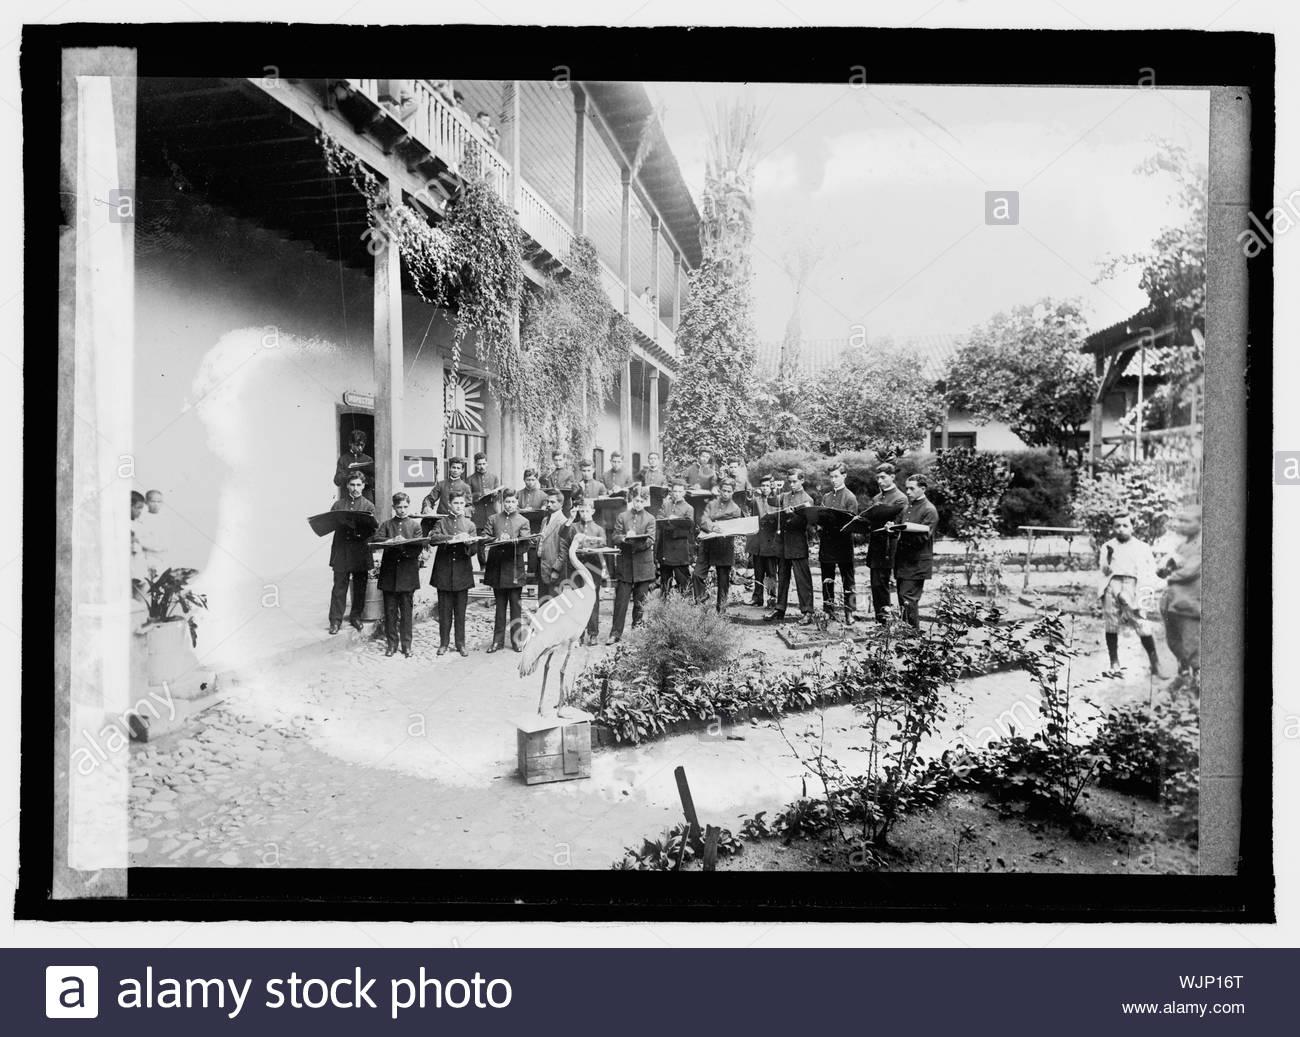 Fotografías de Tegucigalpa a finales de los años 1800 e inicio de los 1900